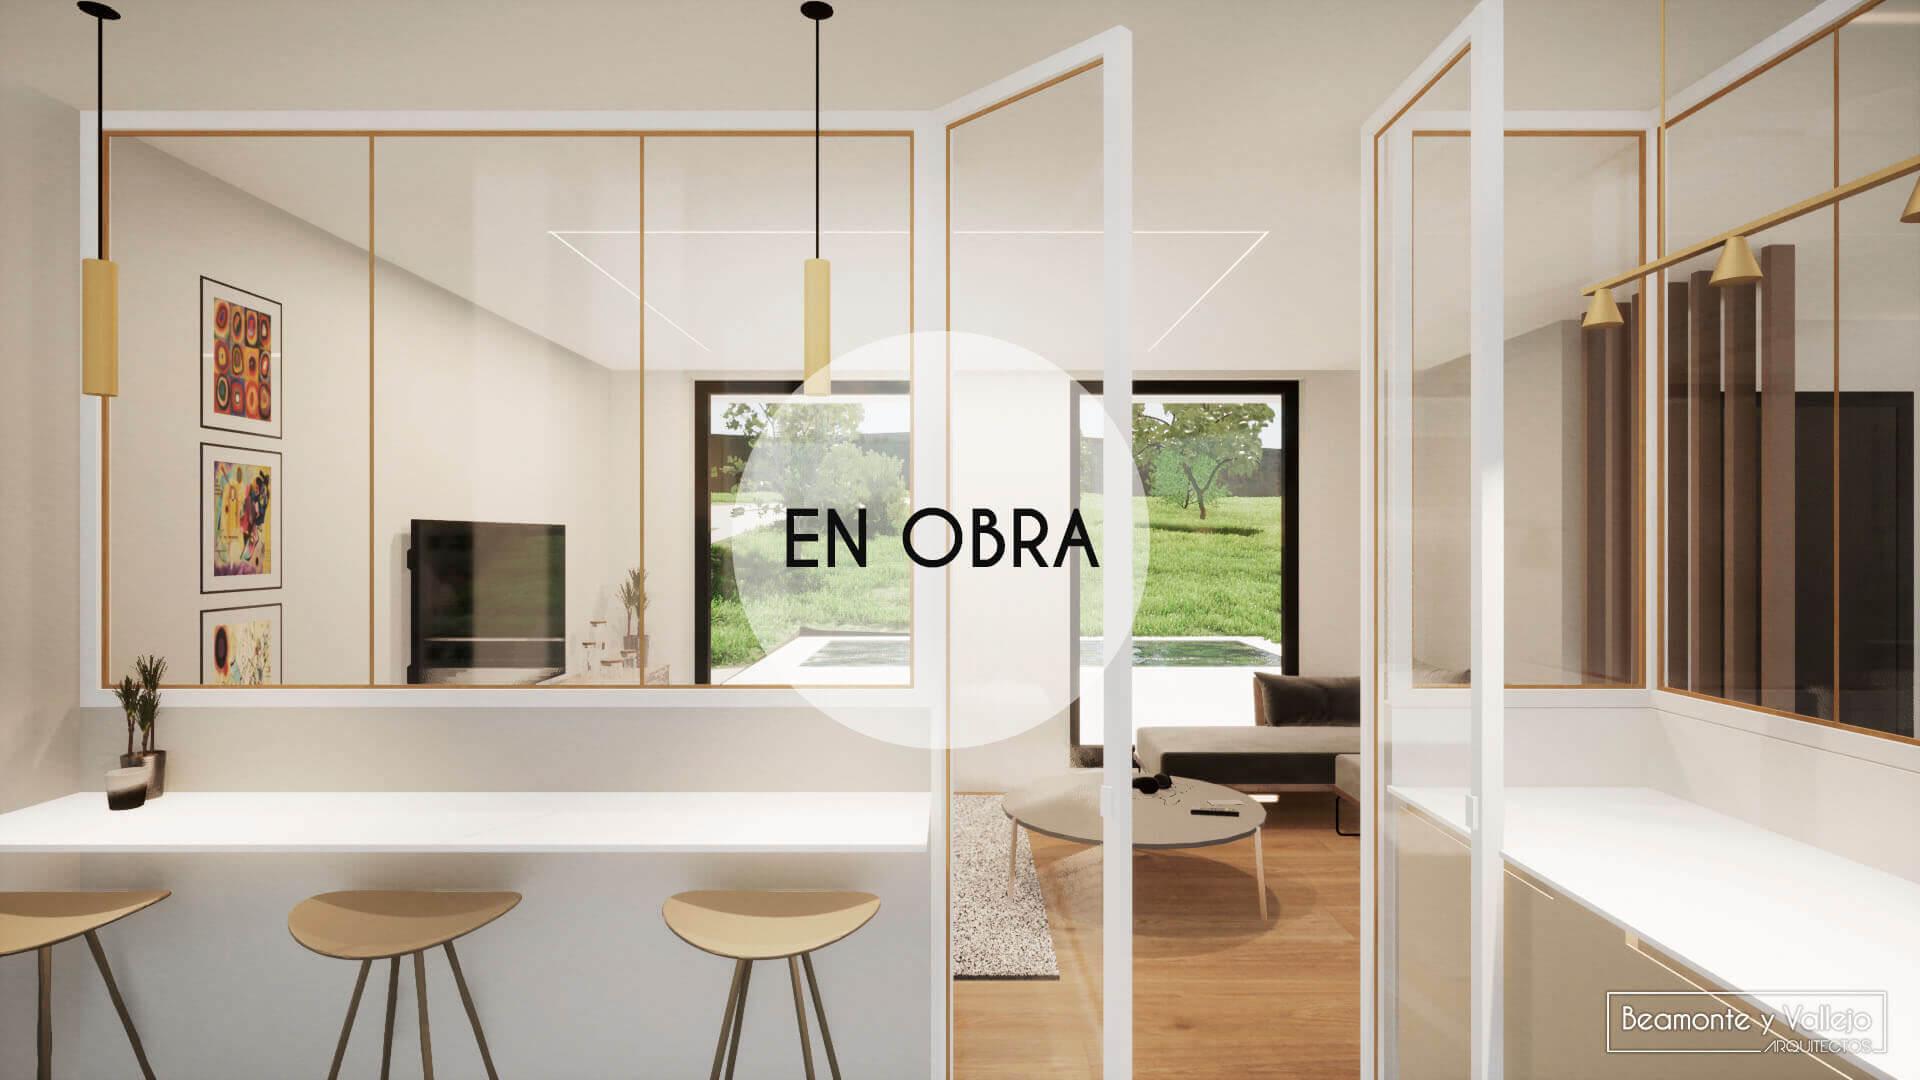 Beamonte y Vallejo arquitectos - Vivienda Jaca en obra - 4